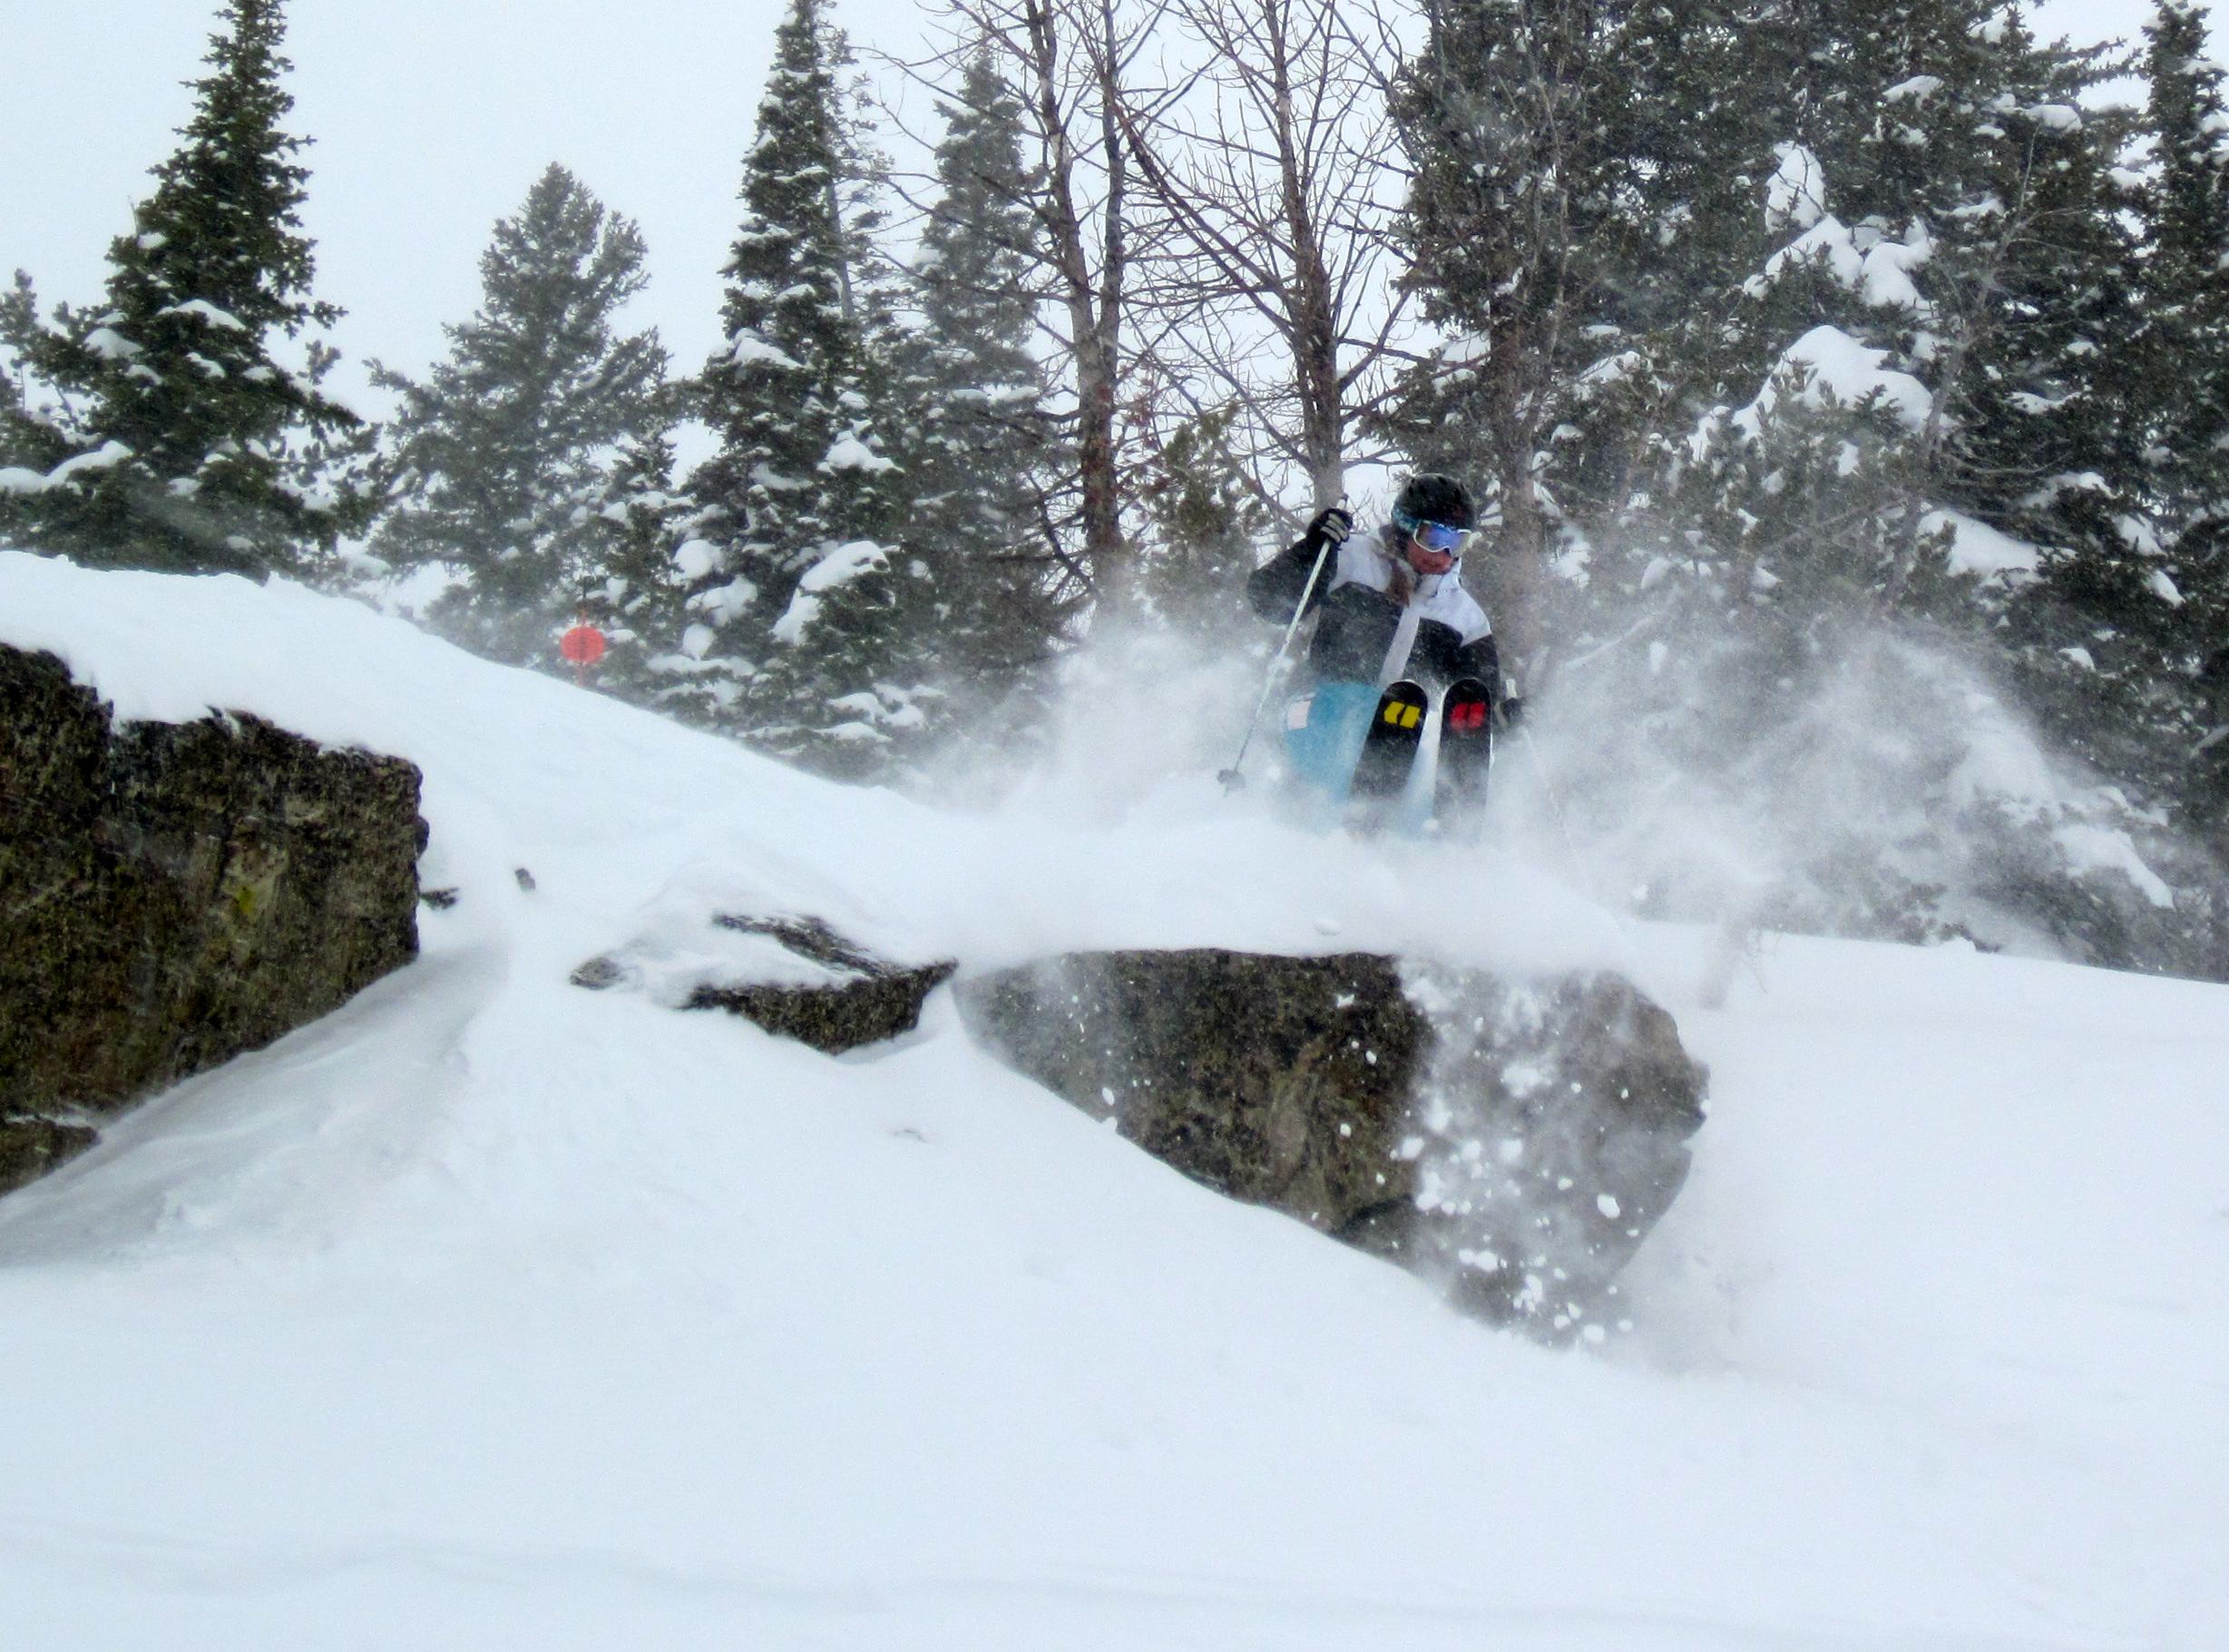 Jackson Hole powder playtime